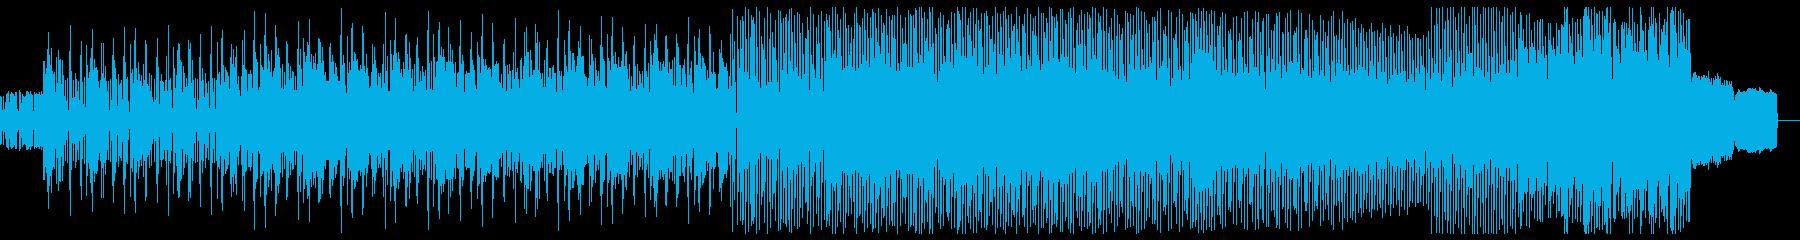 浮遊感満載の軽快なテクノの再生済みの波形